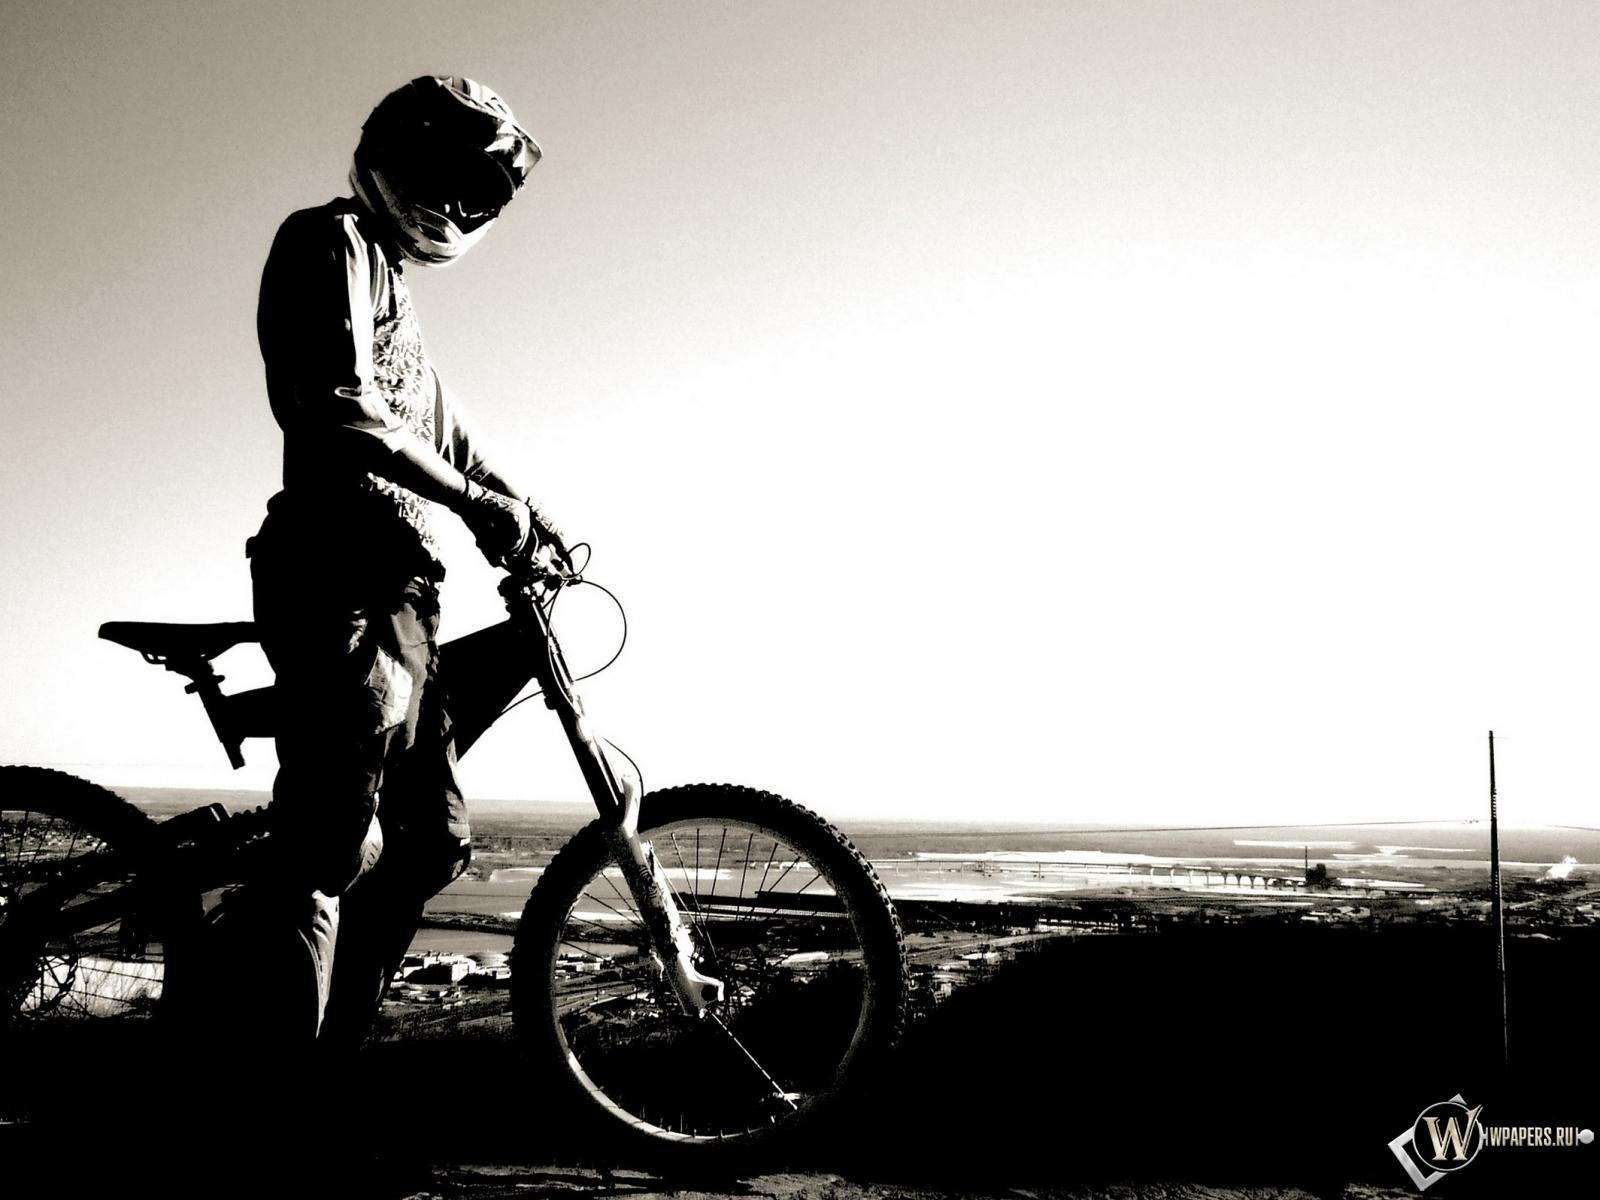 Велосипедист 1600x1200